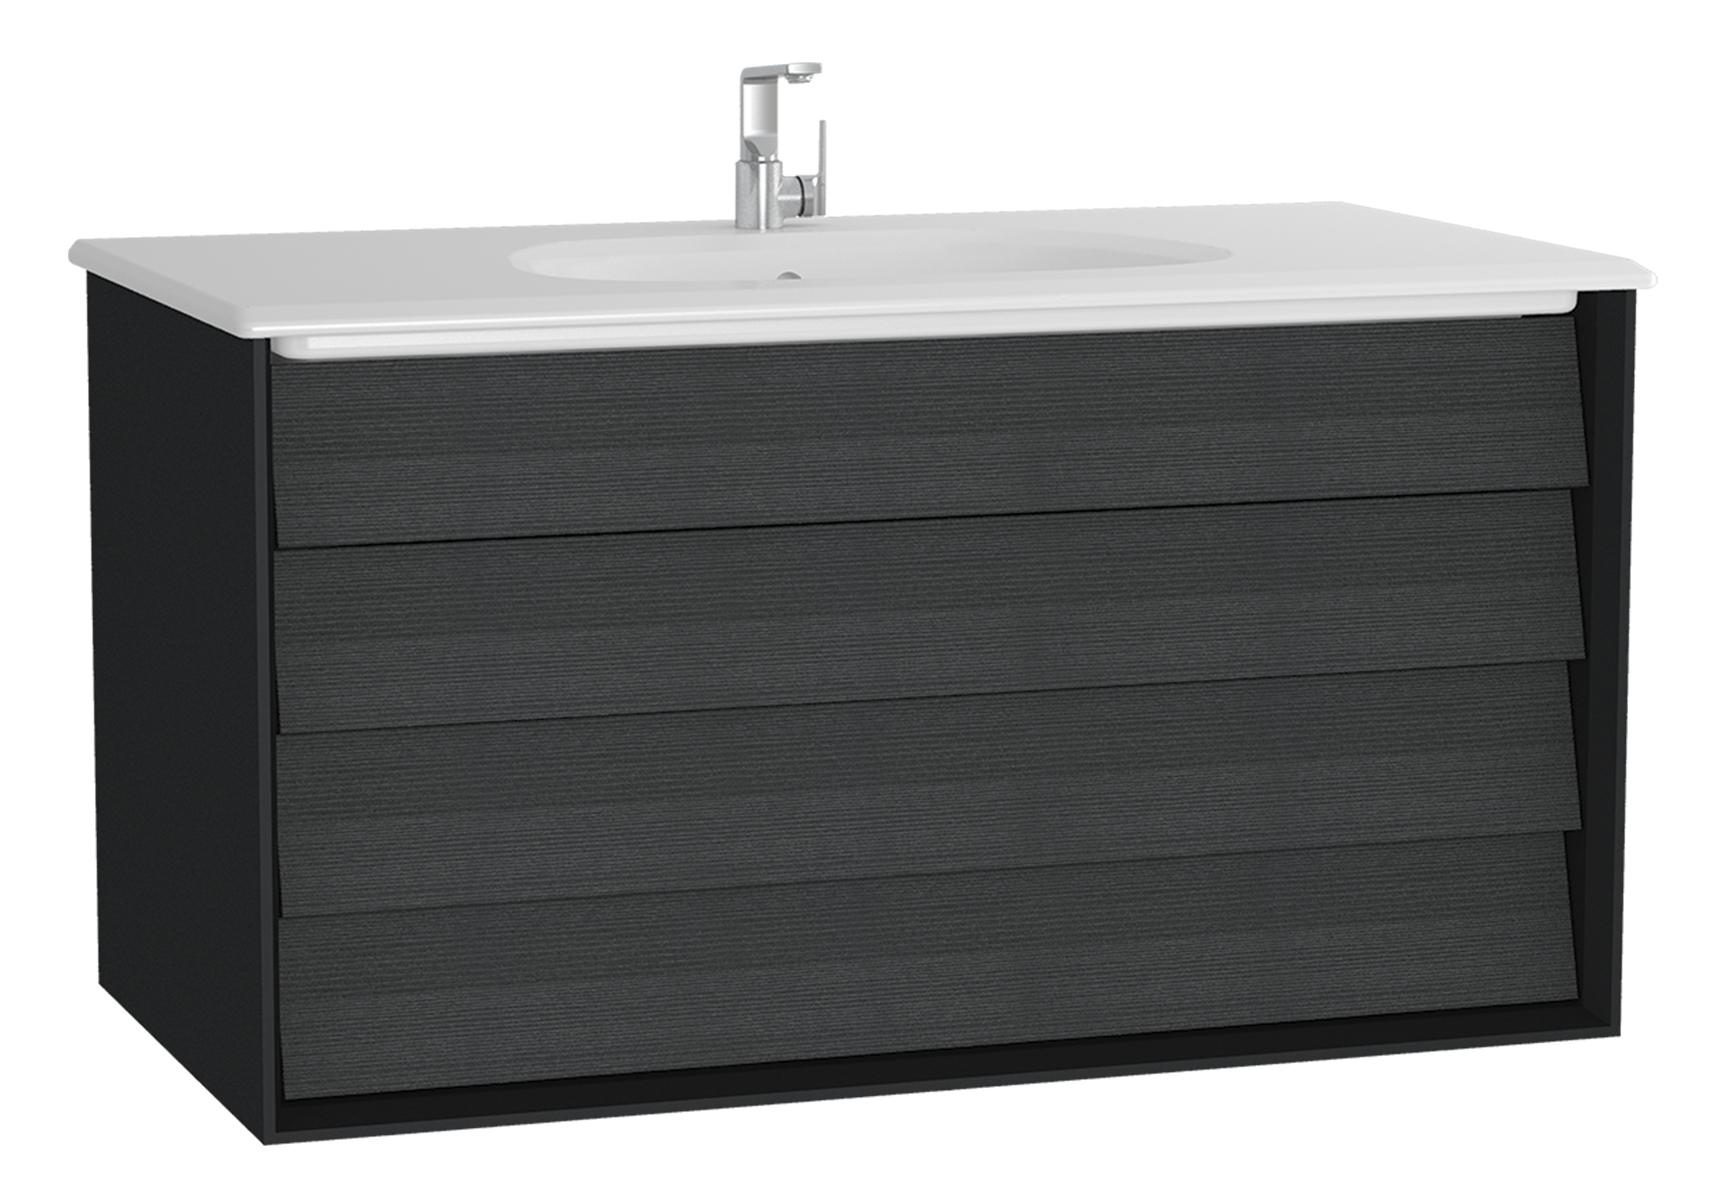 Frame meuble avec plan céramique, 102,5 cm, mat noir, avec blanc plan céramique